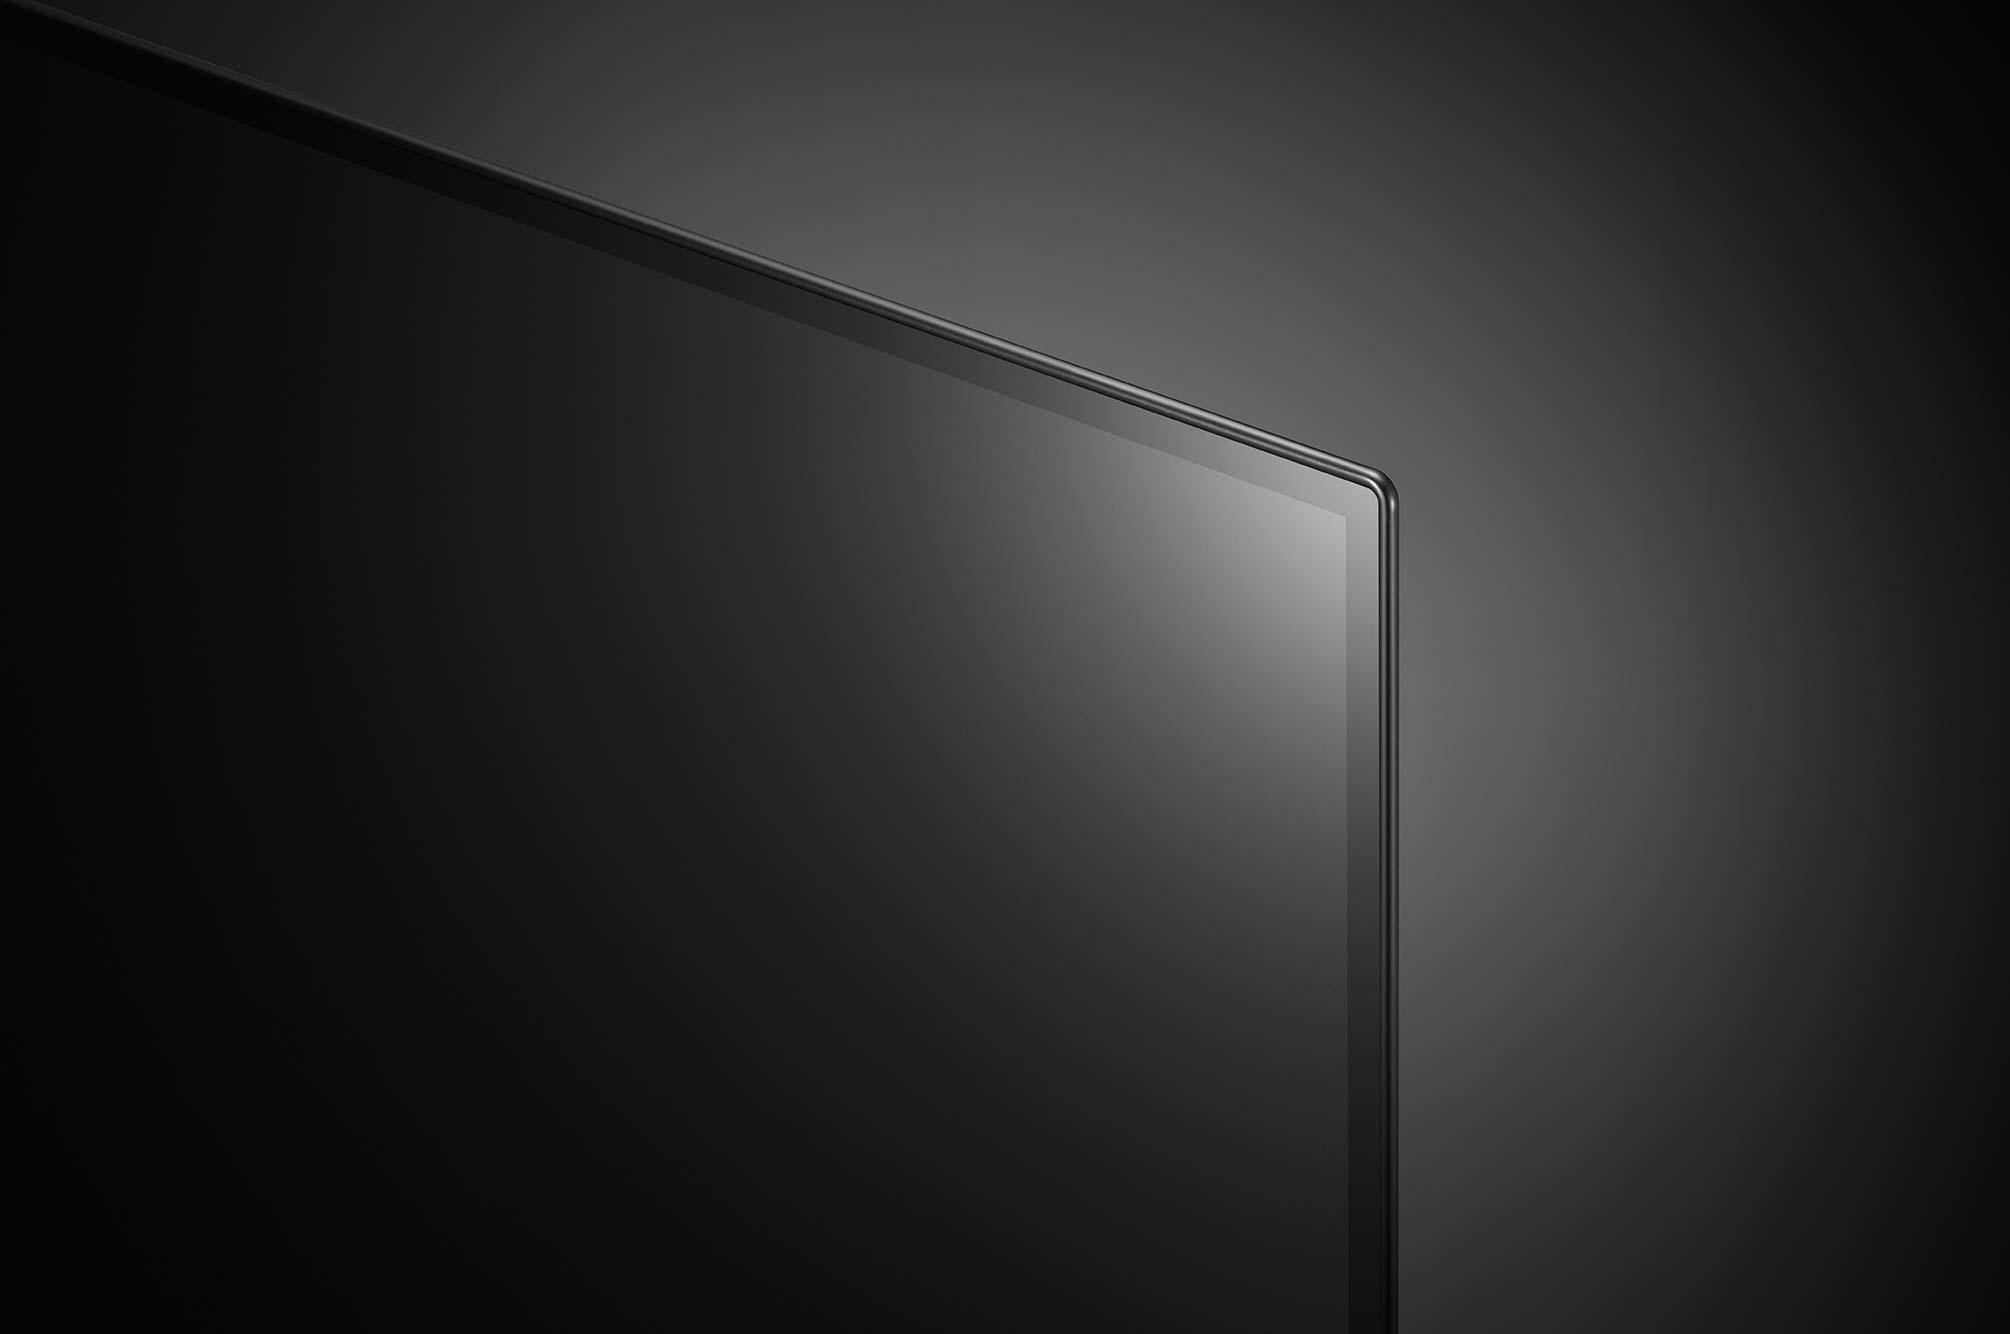 טלוויזיה 65 אינץ' דגם OLED 65B16LA/PVA  בטכנולוגיית LG OLED 4K Ultra HD אל ג'י - תמונה 9